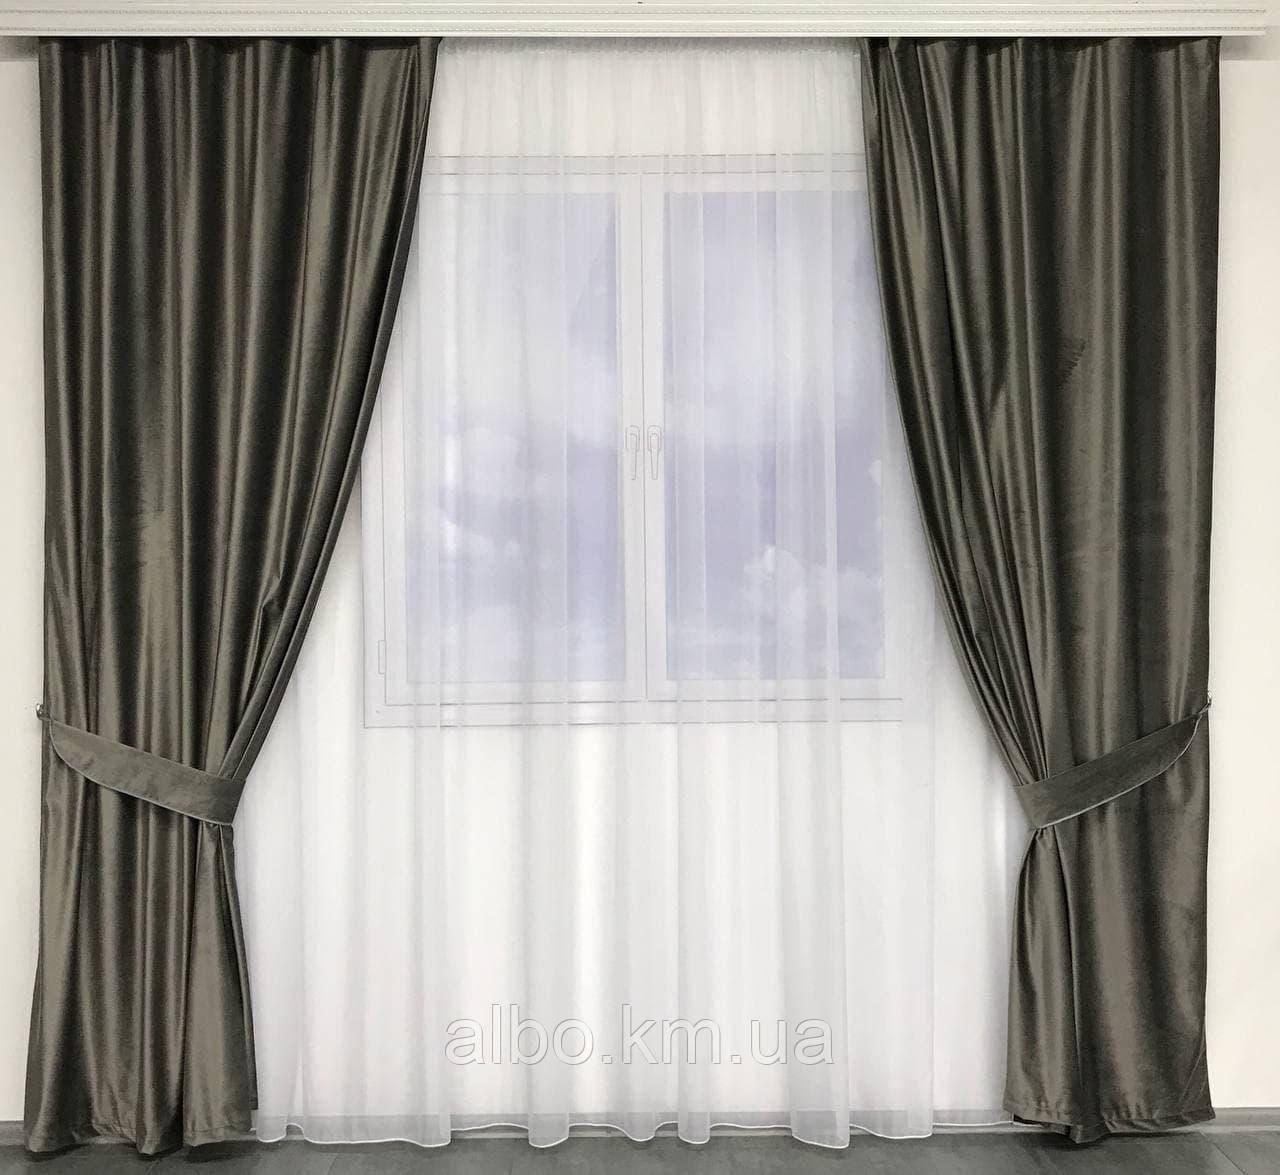 Готові оксамитові штори для залу спальні вітальні, штори і тюль в кімнату квартиру готель, штори з оксамиту в вітальню зал хол